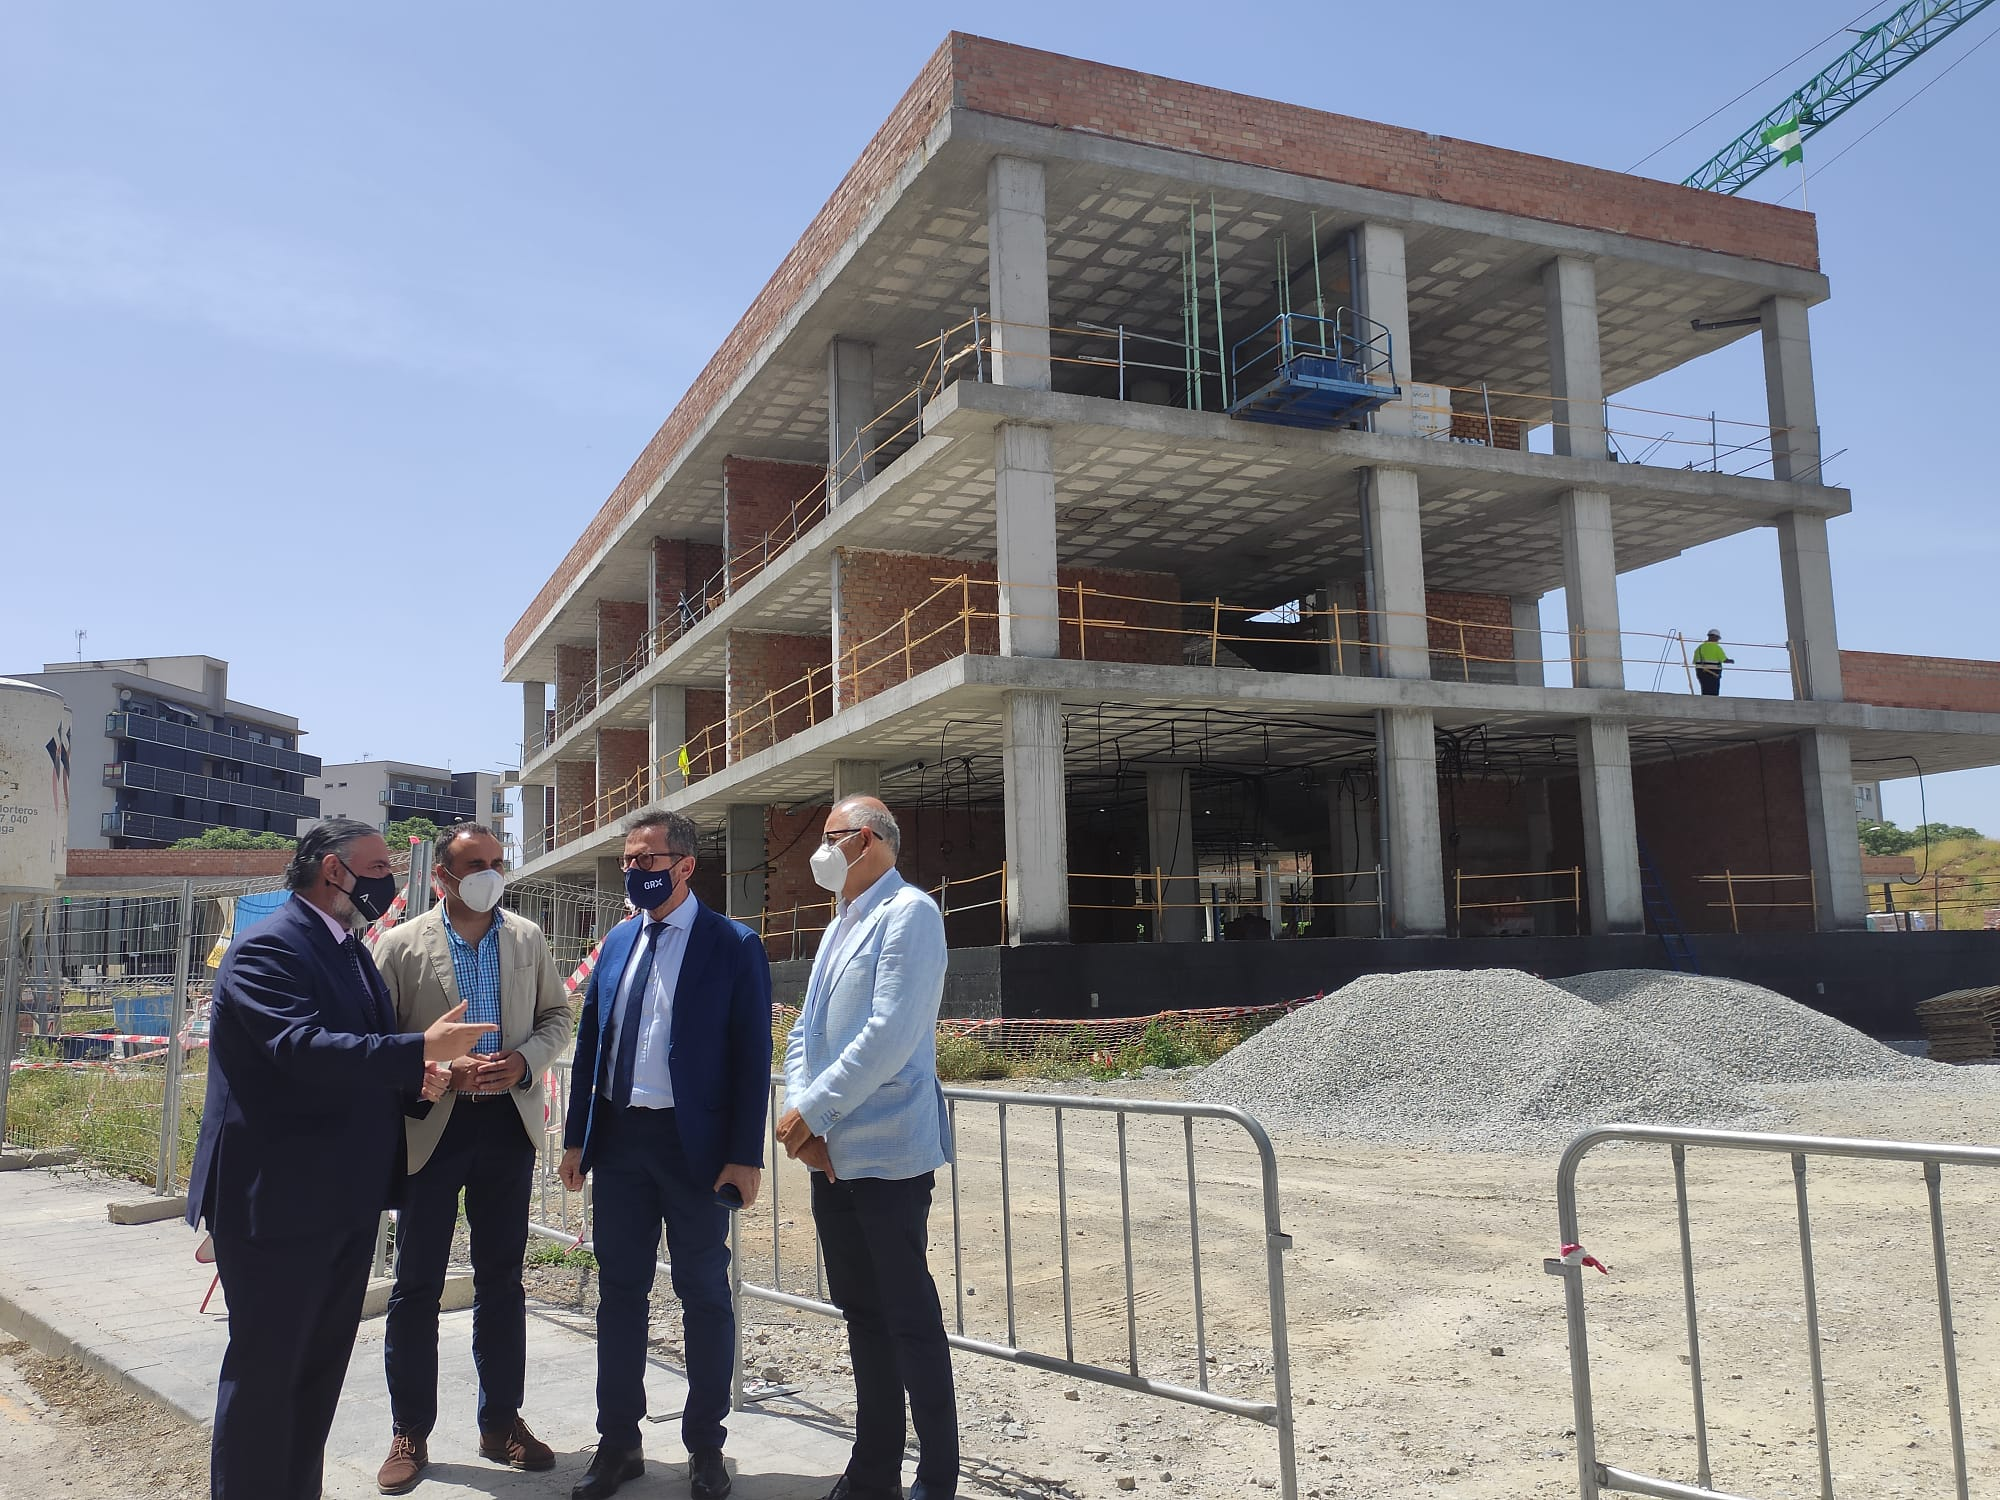 Educación invierte 3,7 millones de euros en obras de ampliación y mejora de los centros educativos de Alhendín